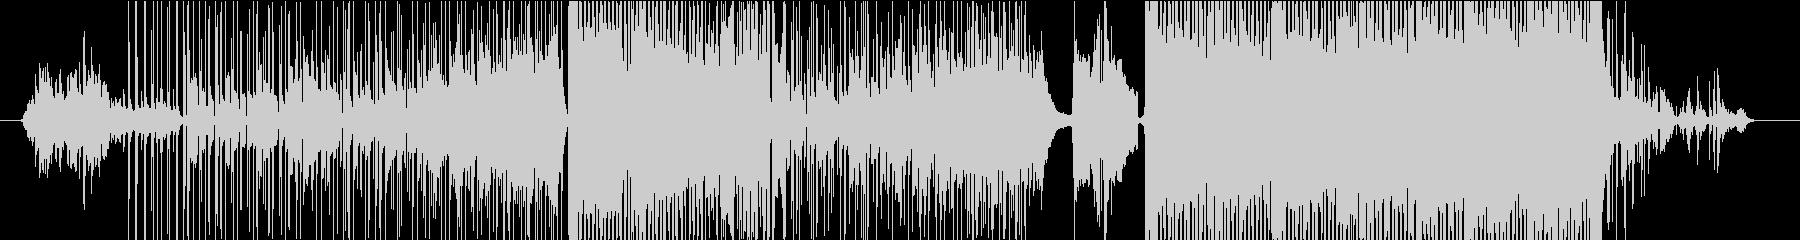 古典的でリラックスな曲の未再生の波形